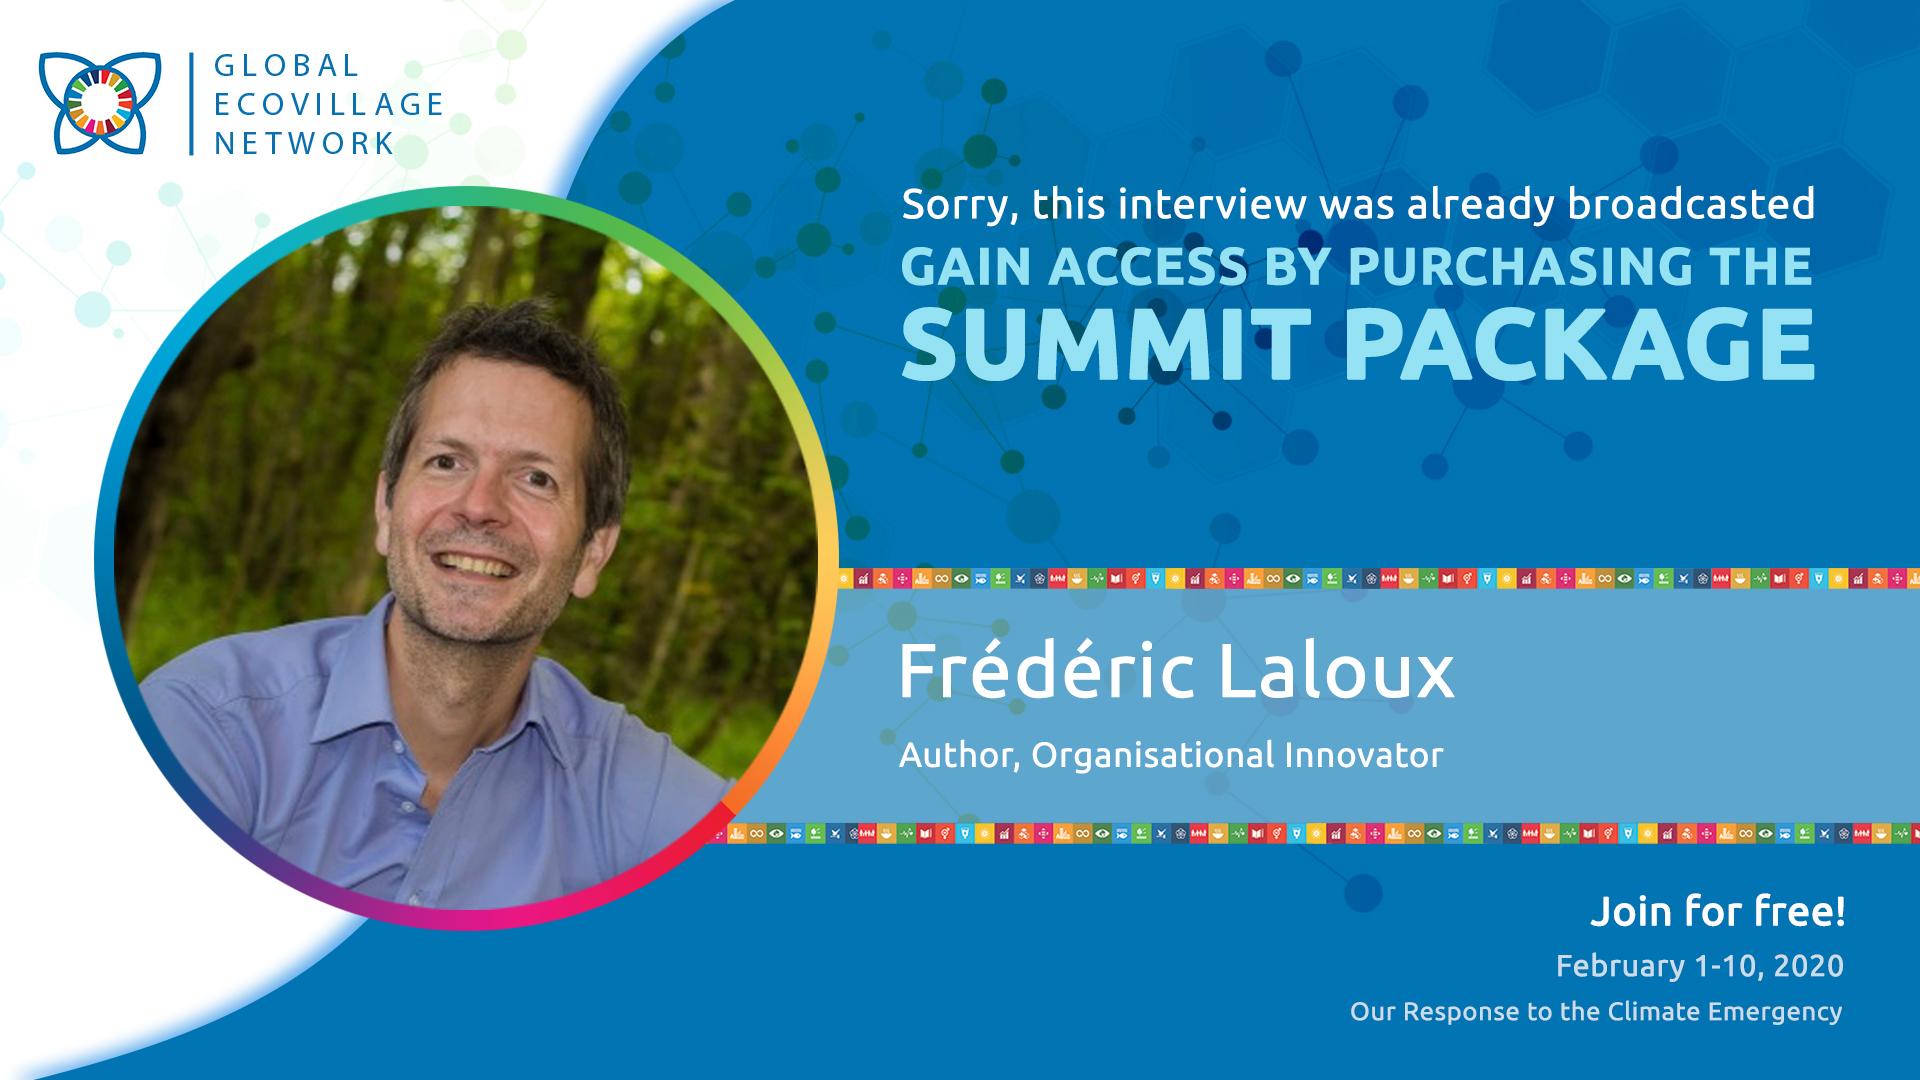 Frédéric Laloux